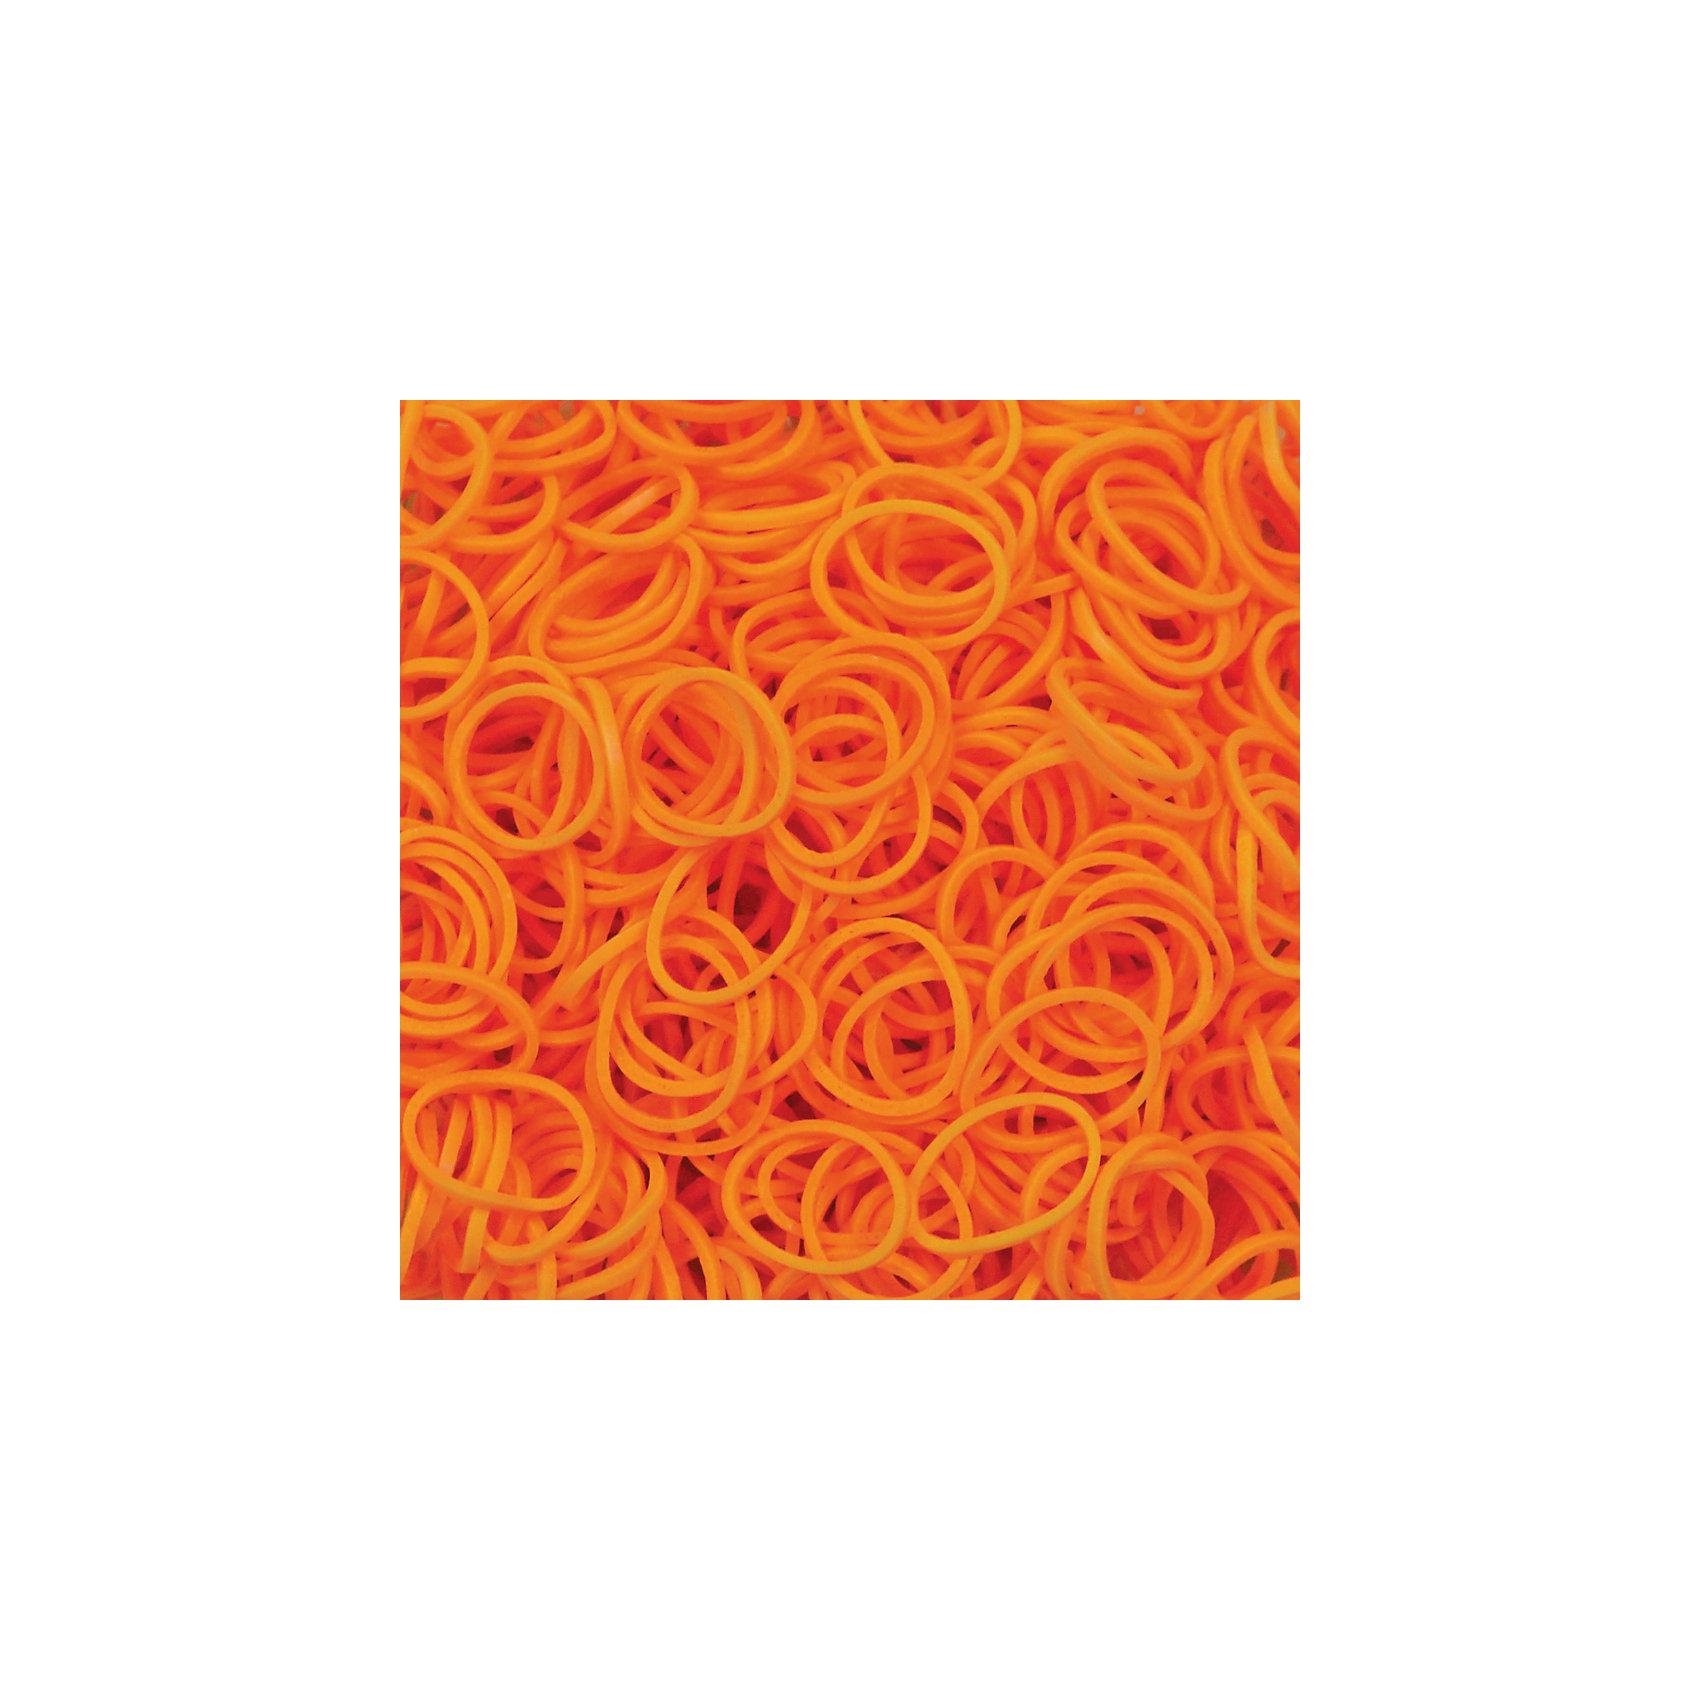 Резиночки  Неоновый оранжевый (24 клипсы+600 рез.), Rainbow LoomРукоделие<br>Набор миниатюрных резиночек ярко-оранжевого цвета Rainbow Loom привлечет своим блеском и поможет создать необычные украшения для себя и подруг. Резиночки приятно брать в руки, они хорошо тянутся, их удобно размещать на станке, плести руками или крючком. Готовый браслет или ожерелье можно соединить при помощи с-клипс, входящих в набор. <br><br>Дополнительная информация:<br><br>В наборе 600 резиночек и 24 пластиковые с-клипсы<br><br>Резиночки  Неоновый оранжевый (24 клипсы+600 рез.), Rainbow Loom можно купить в нашем магазине.<br><br>Ширина мм: 110<br>Глубина мм: 55<br>Высота мм: 15<br>Вес г: 50<br>Возраст от месяцев: 72<br>Возраст до месяцев: 180<br>Пол: Унисекс<br>Возраст: Детский<br>SKU: 3941836